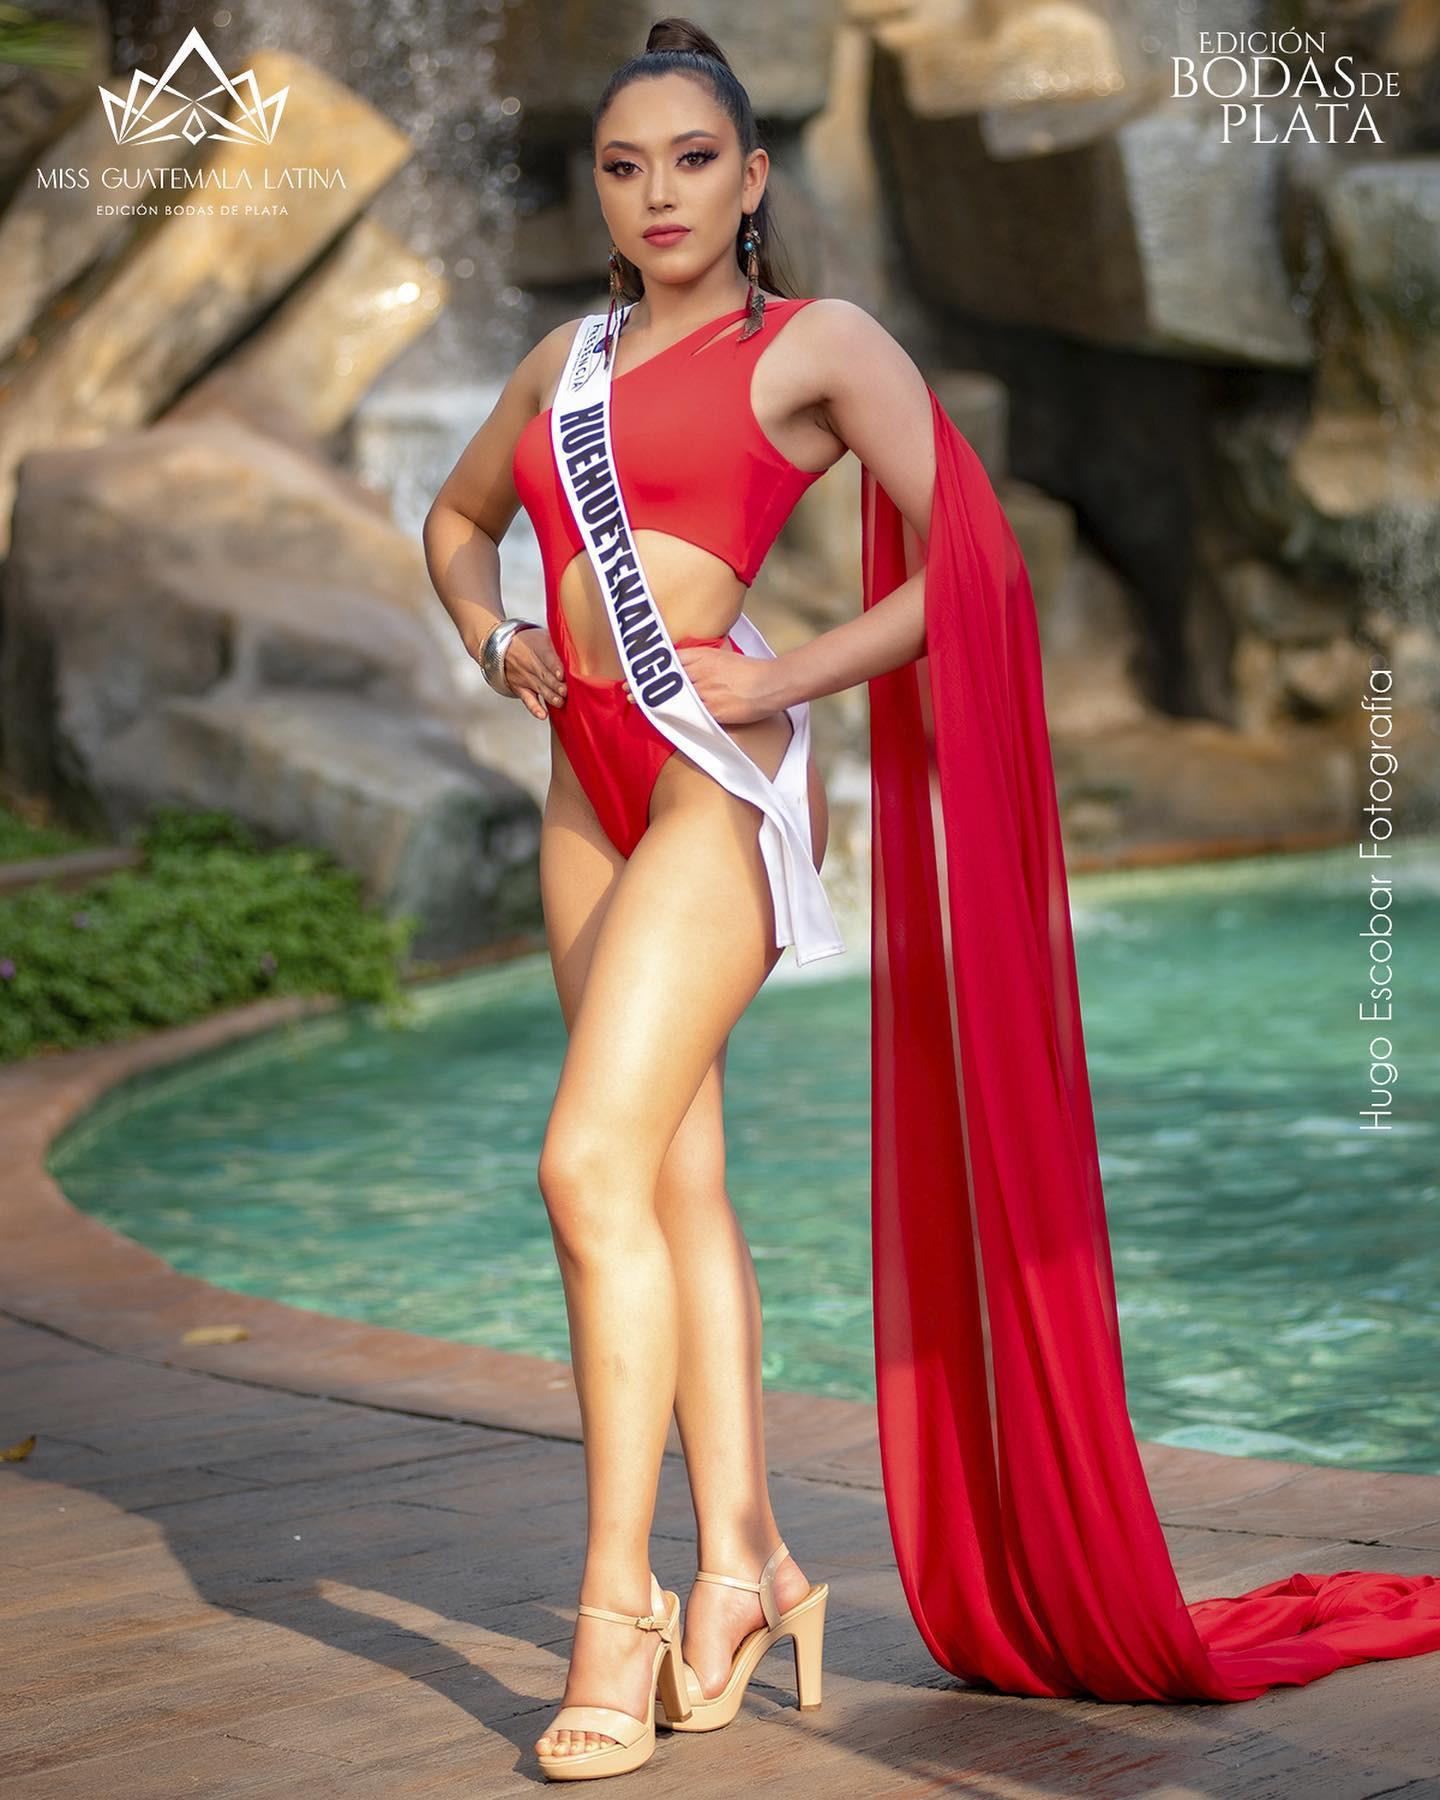 candidatas a miss guatemala latina 2021. final: 30 de abril. - Página 13 BBPIFS